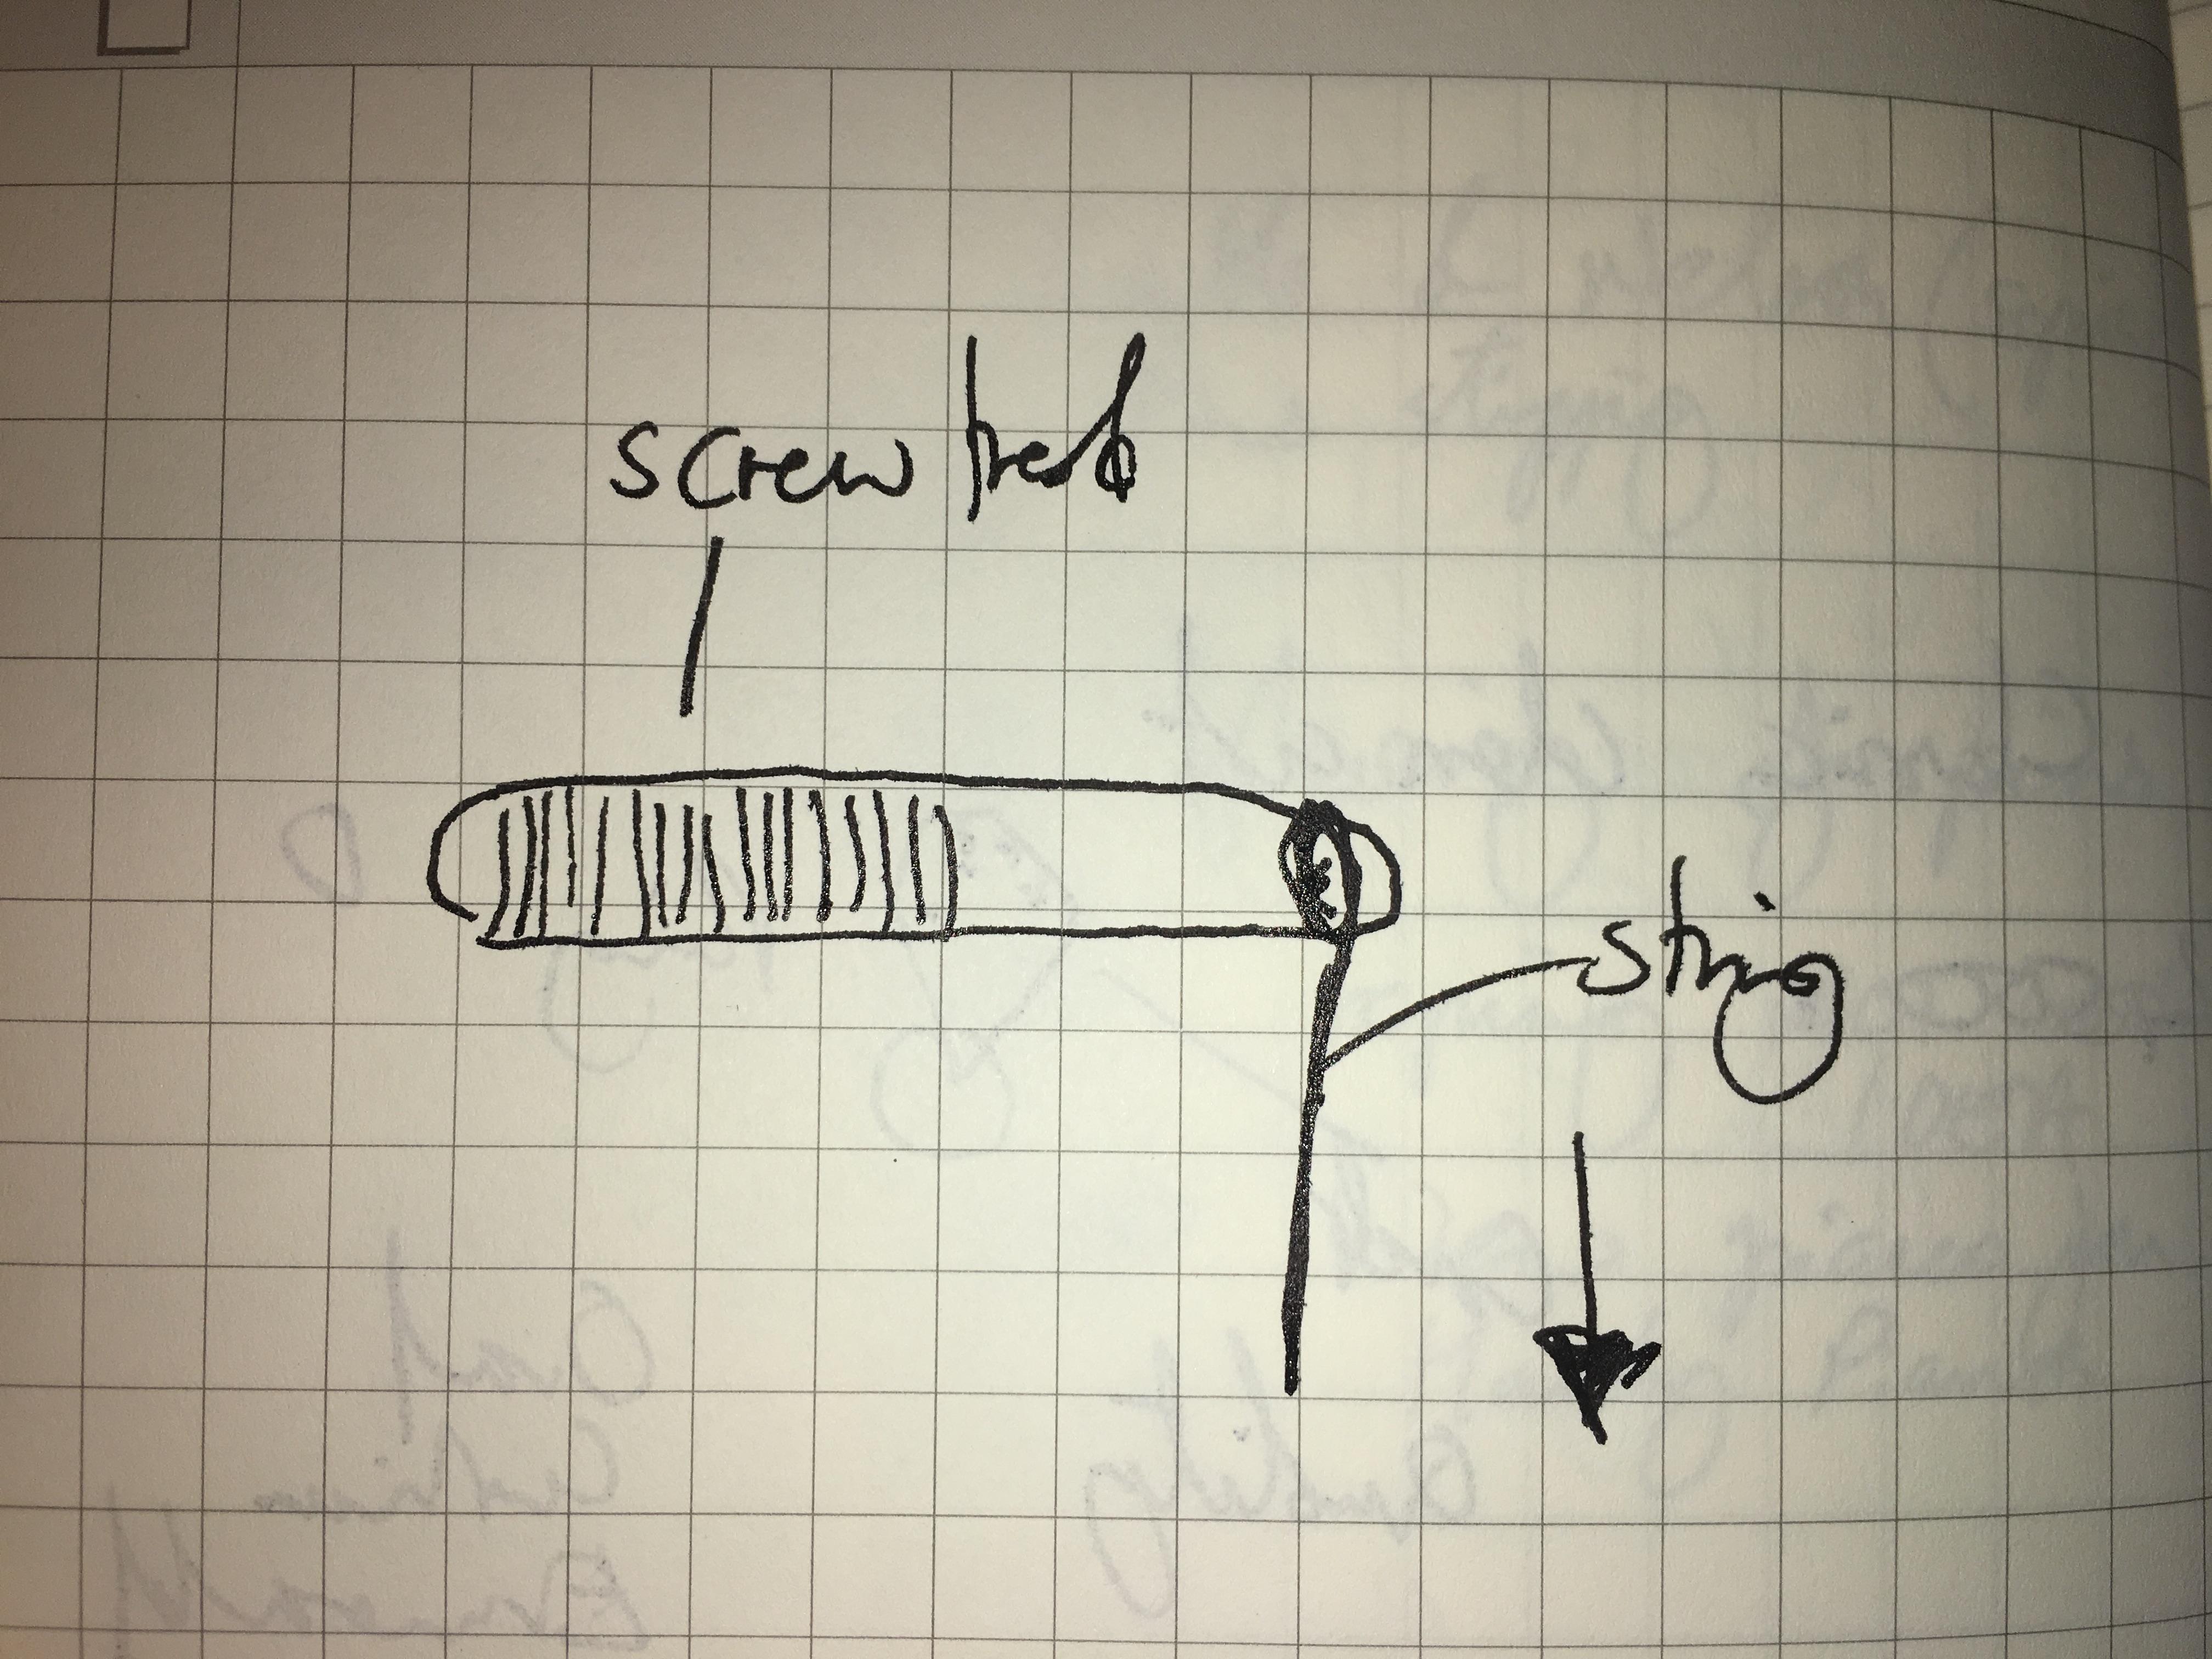 Basic diagram of a piano tuning pin.